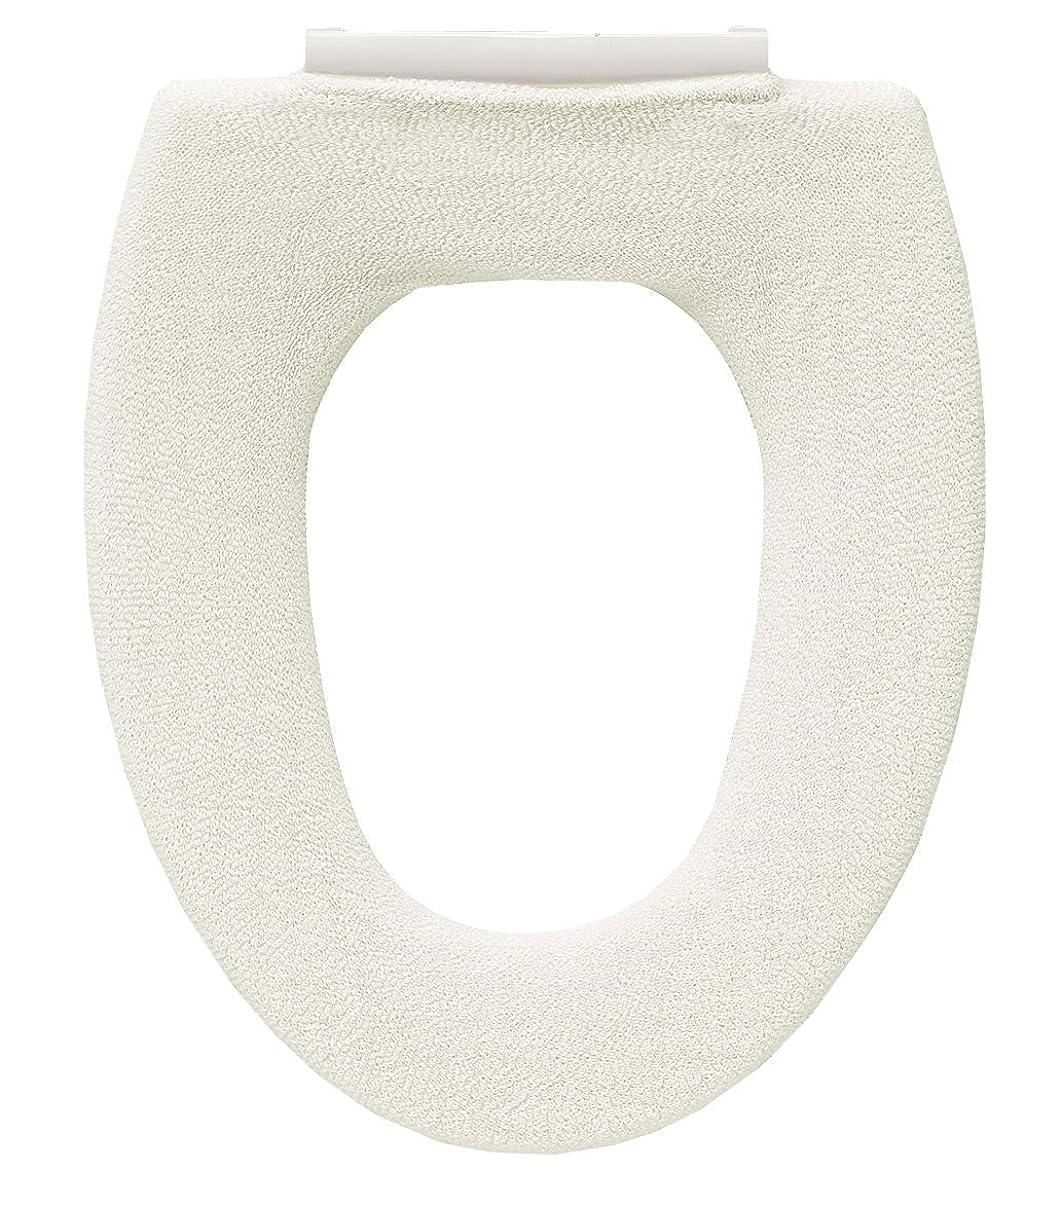 解釈的フォルダエコーオカ 乾度良好 Dナチュレ O型専用 便座カバー 日本製 (ホワイト)